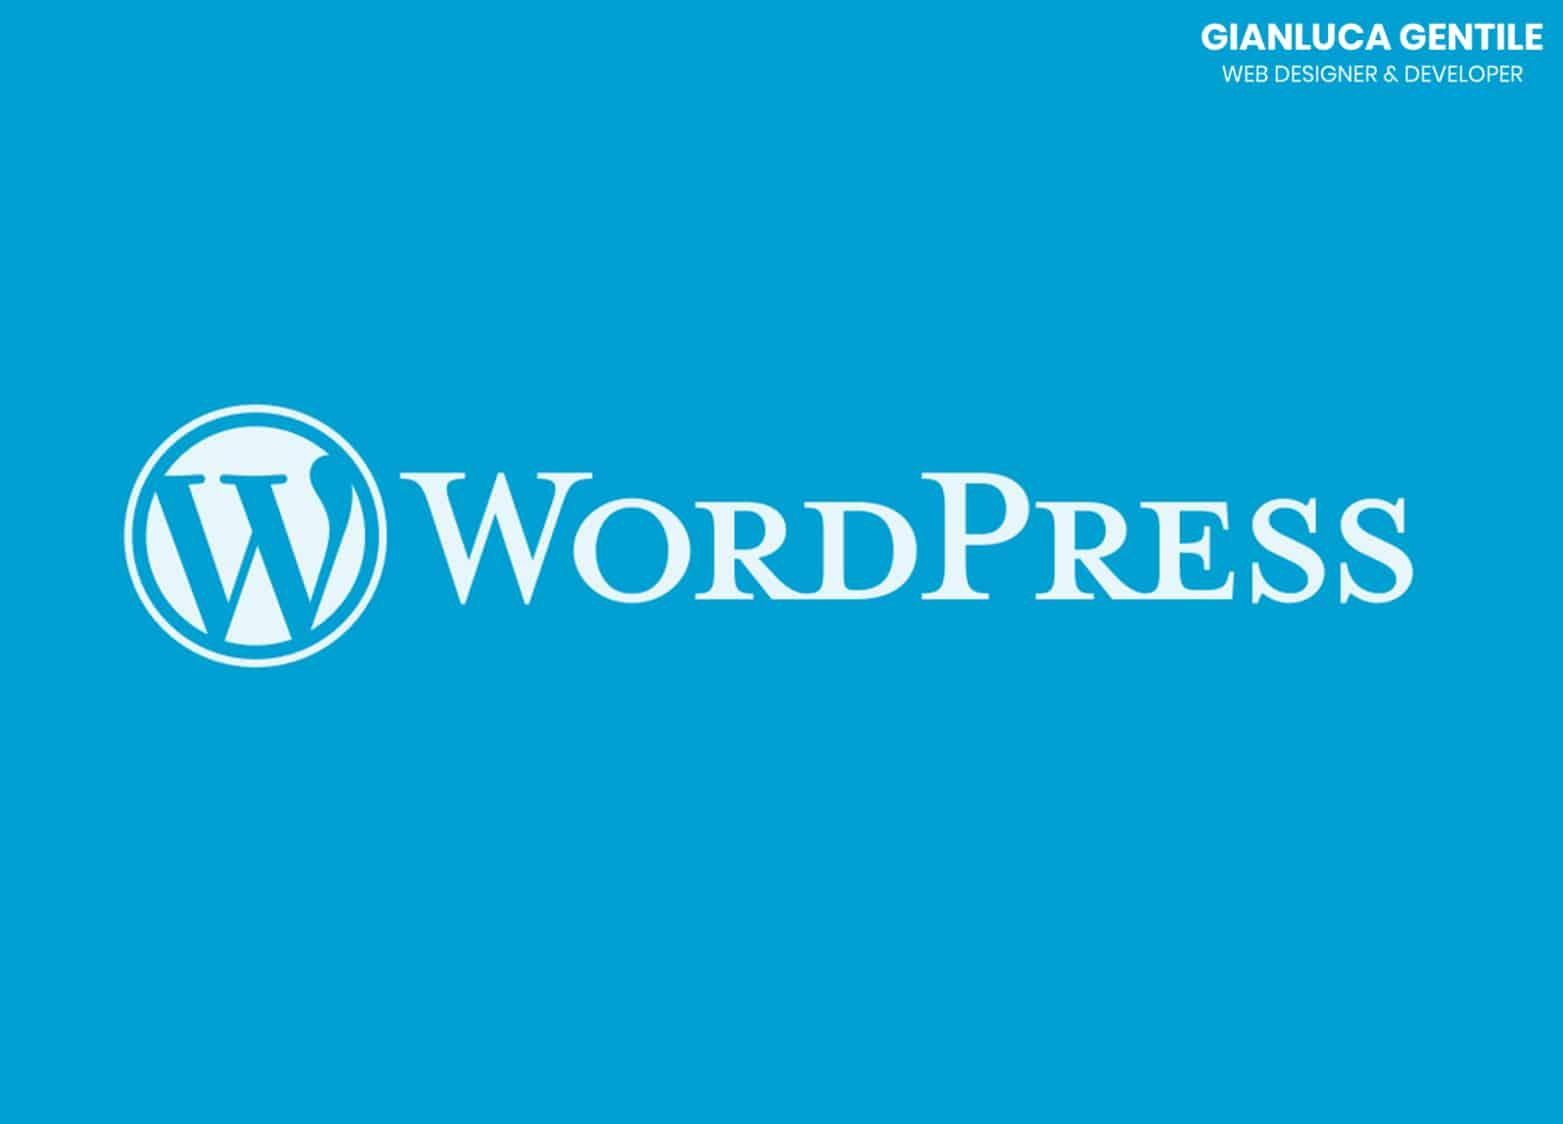 dimensione massima di caricamento - Dimensione massima di caricamento WordPress 1 - Dimensione massima di caricamento WordPress: le principali soluzioni